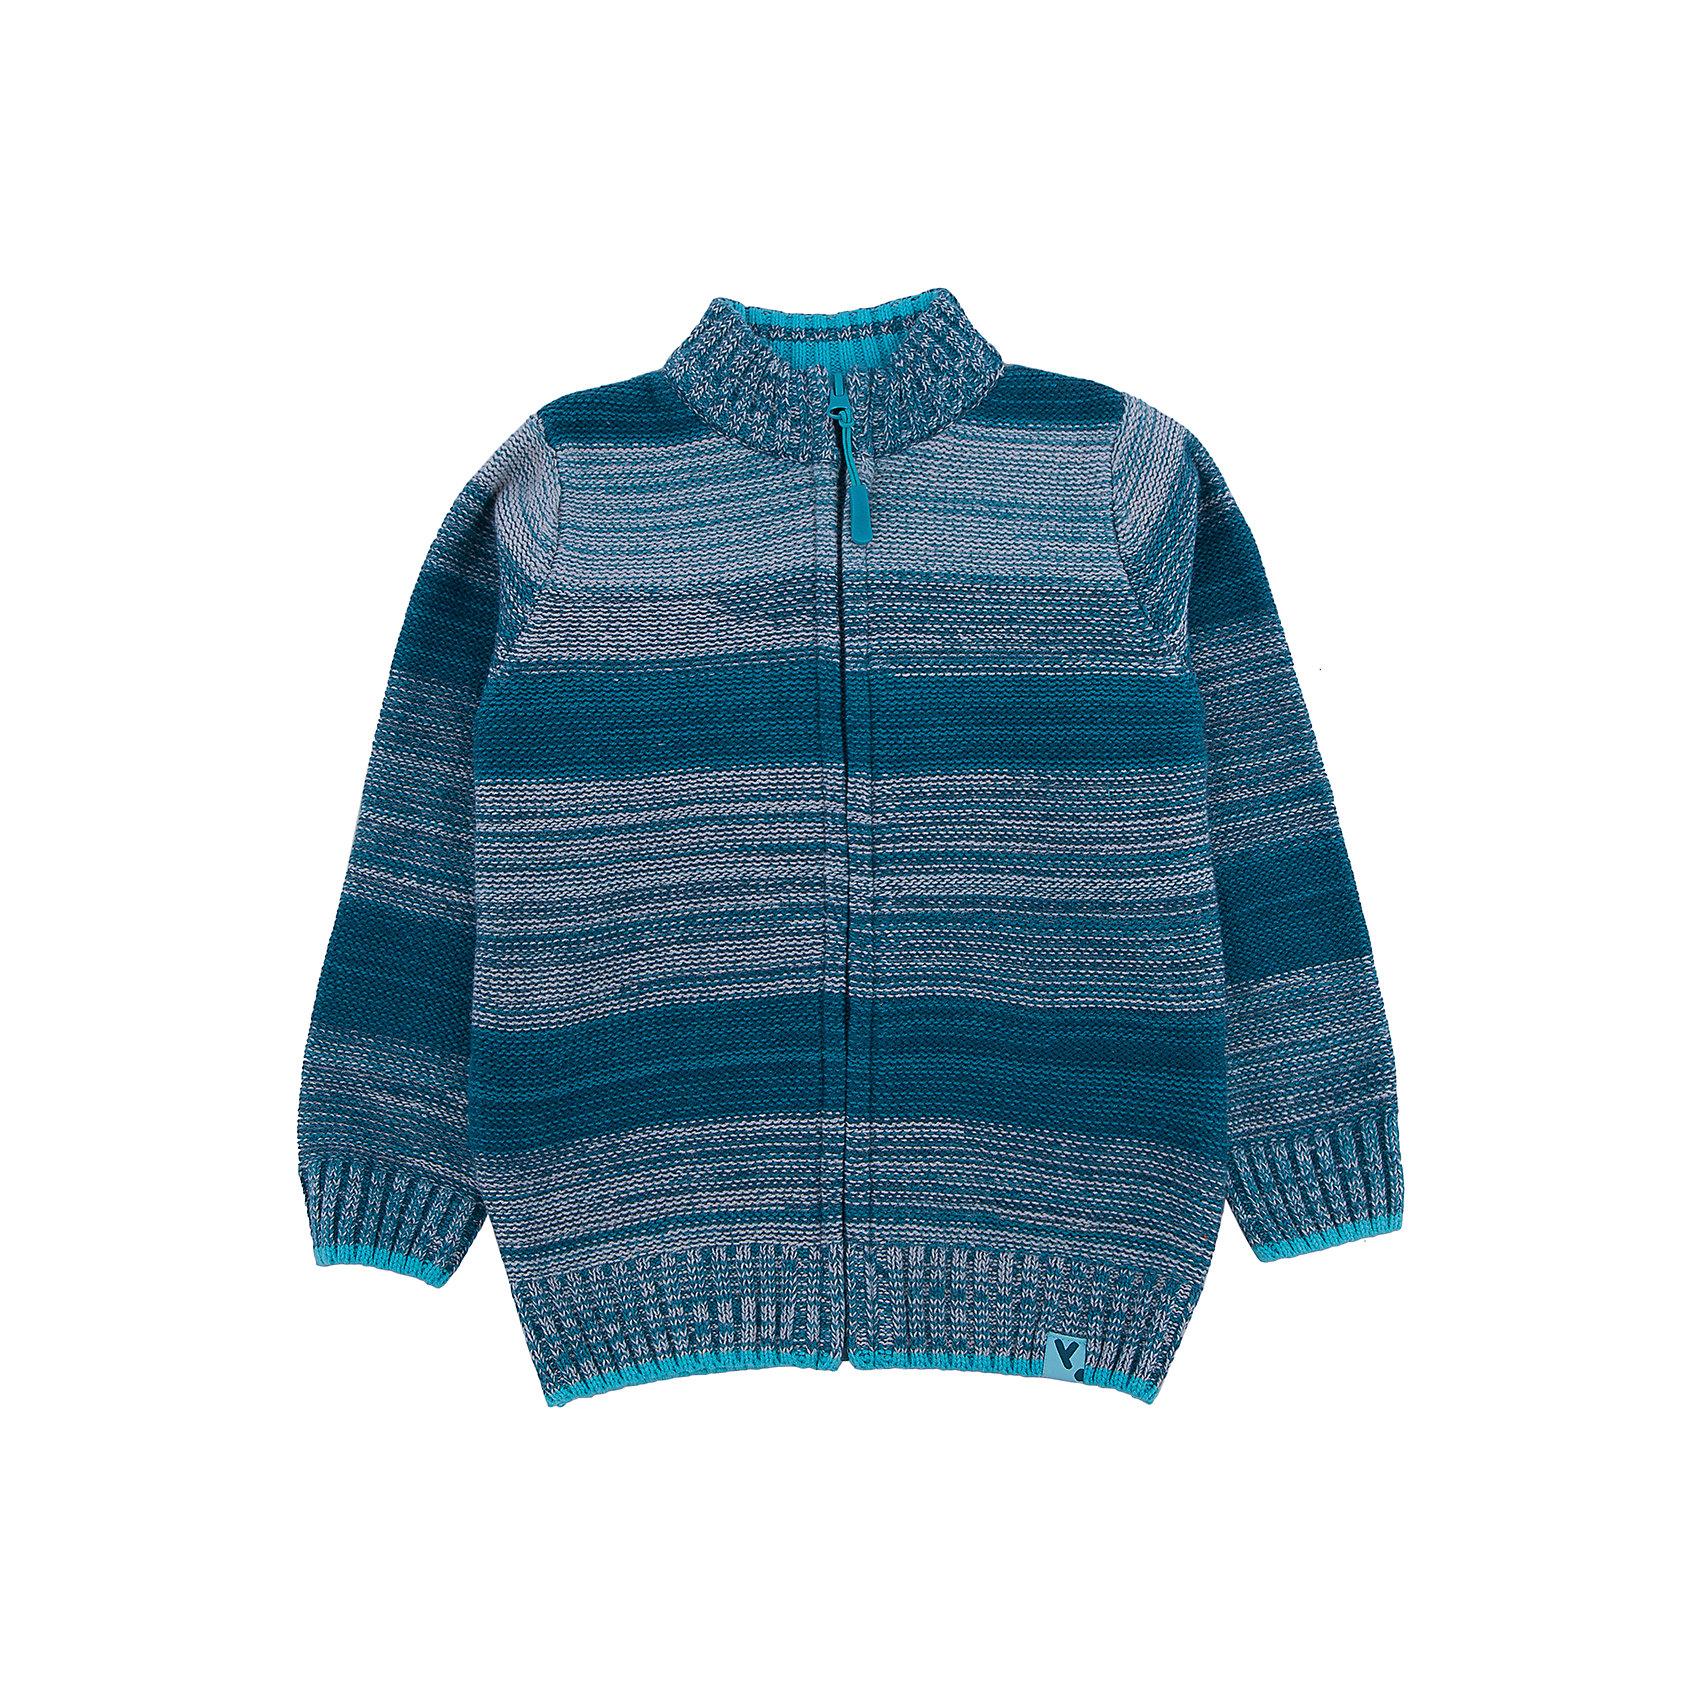 Свитер для мальчика PlayTodayСвитера и кардиганы<br>Свитер для мальчика от известного бренда PlayToday.<br>Уютный свитер из вязаного трикотажа. Стильный цвет бирюзовый меланж. Высокий воротник надежно защитит от ветра. Рукава и низ на мягкой вязаной резинке.<br>Состав:<br>60% хлопок, 40% акрил<br><br>Ширина мм: 190<br>Глубина мм: 74<br>Высота мм: 229<br>Вес г: 236<br>Цвет: белый<br>Возраст от месяцев: 36<br>Возраст до месяцев: 48<br>Пол: Мужской<br>Возраст: Детский<br>Размер: 104,122,128,110,98,116<br>SKU: 4897316